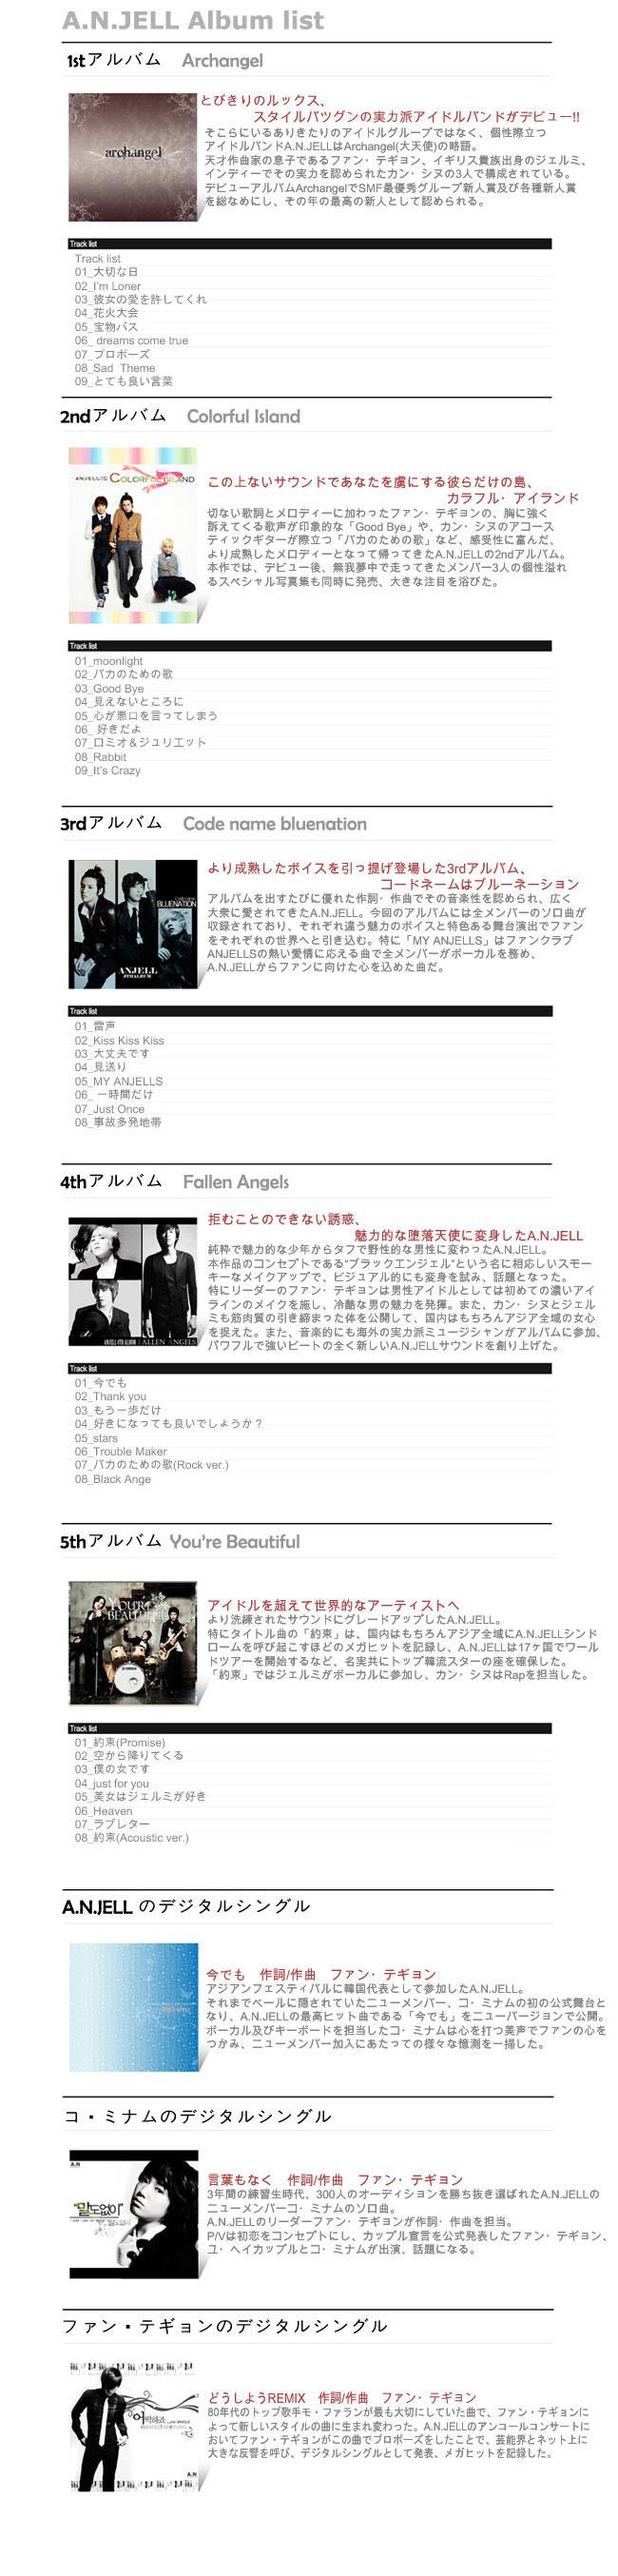 album_edit.jpg